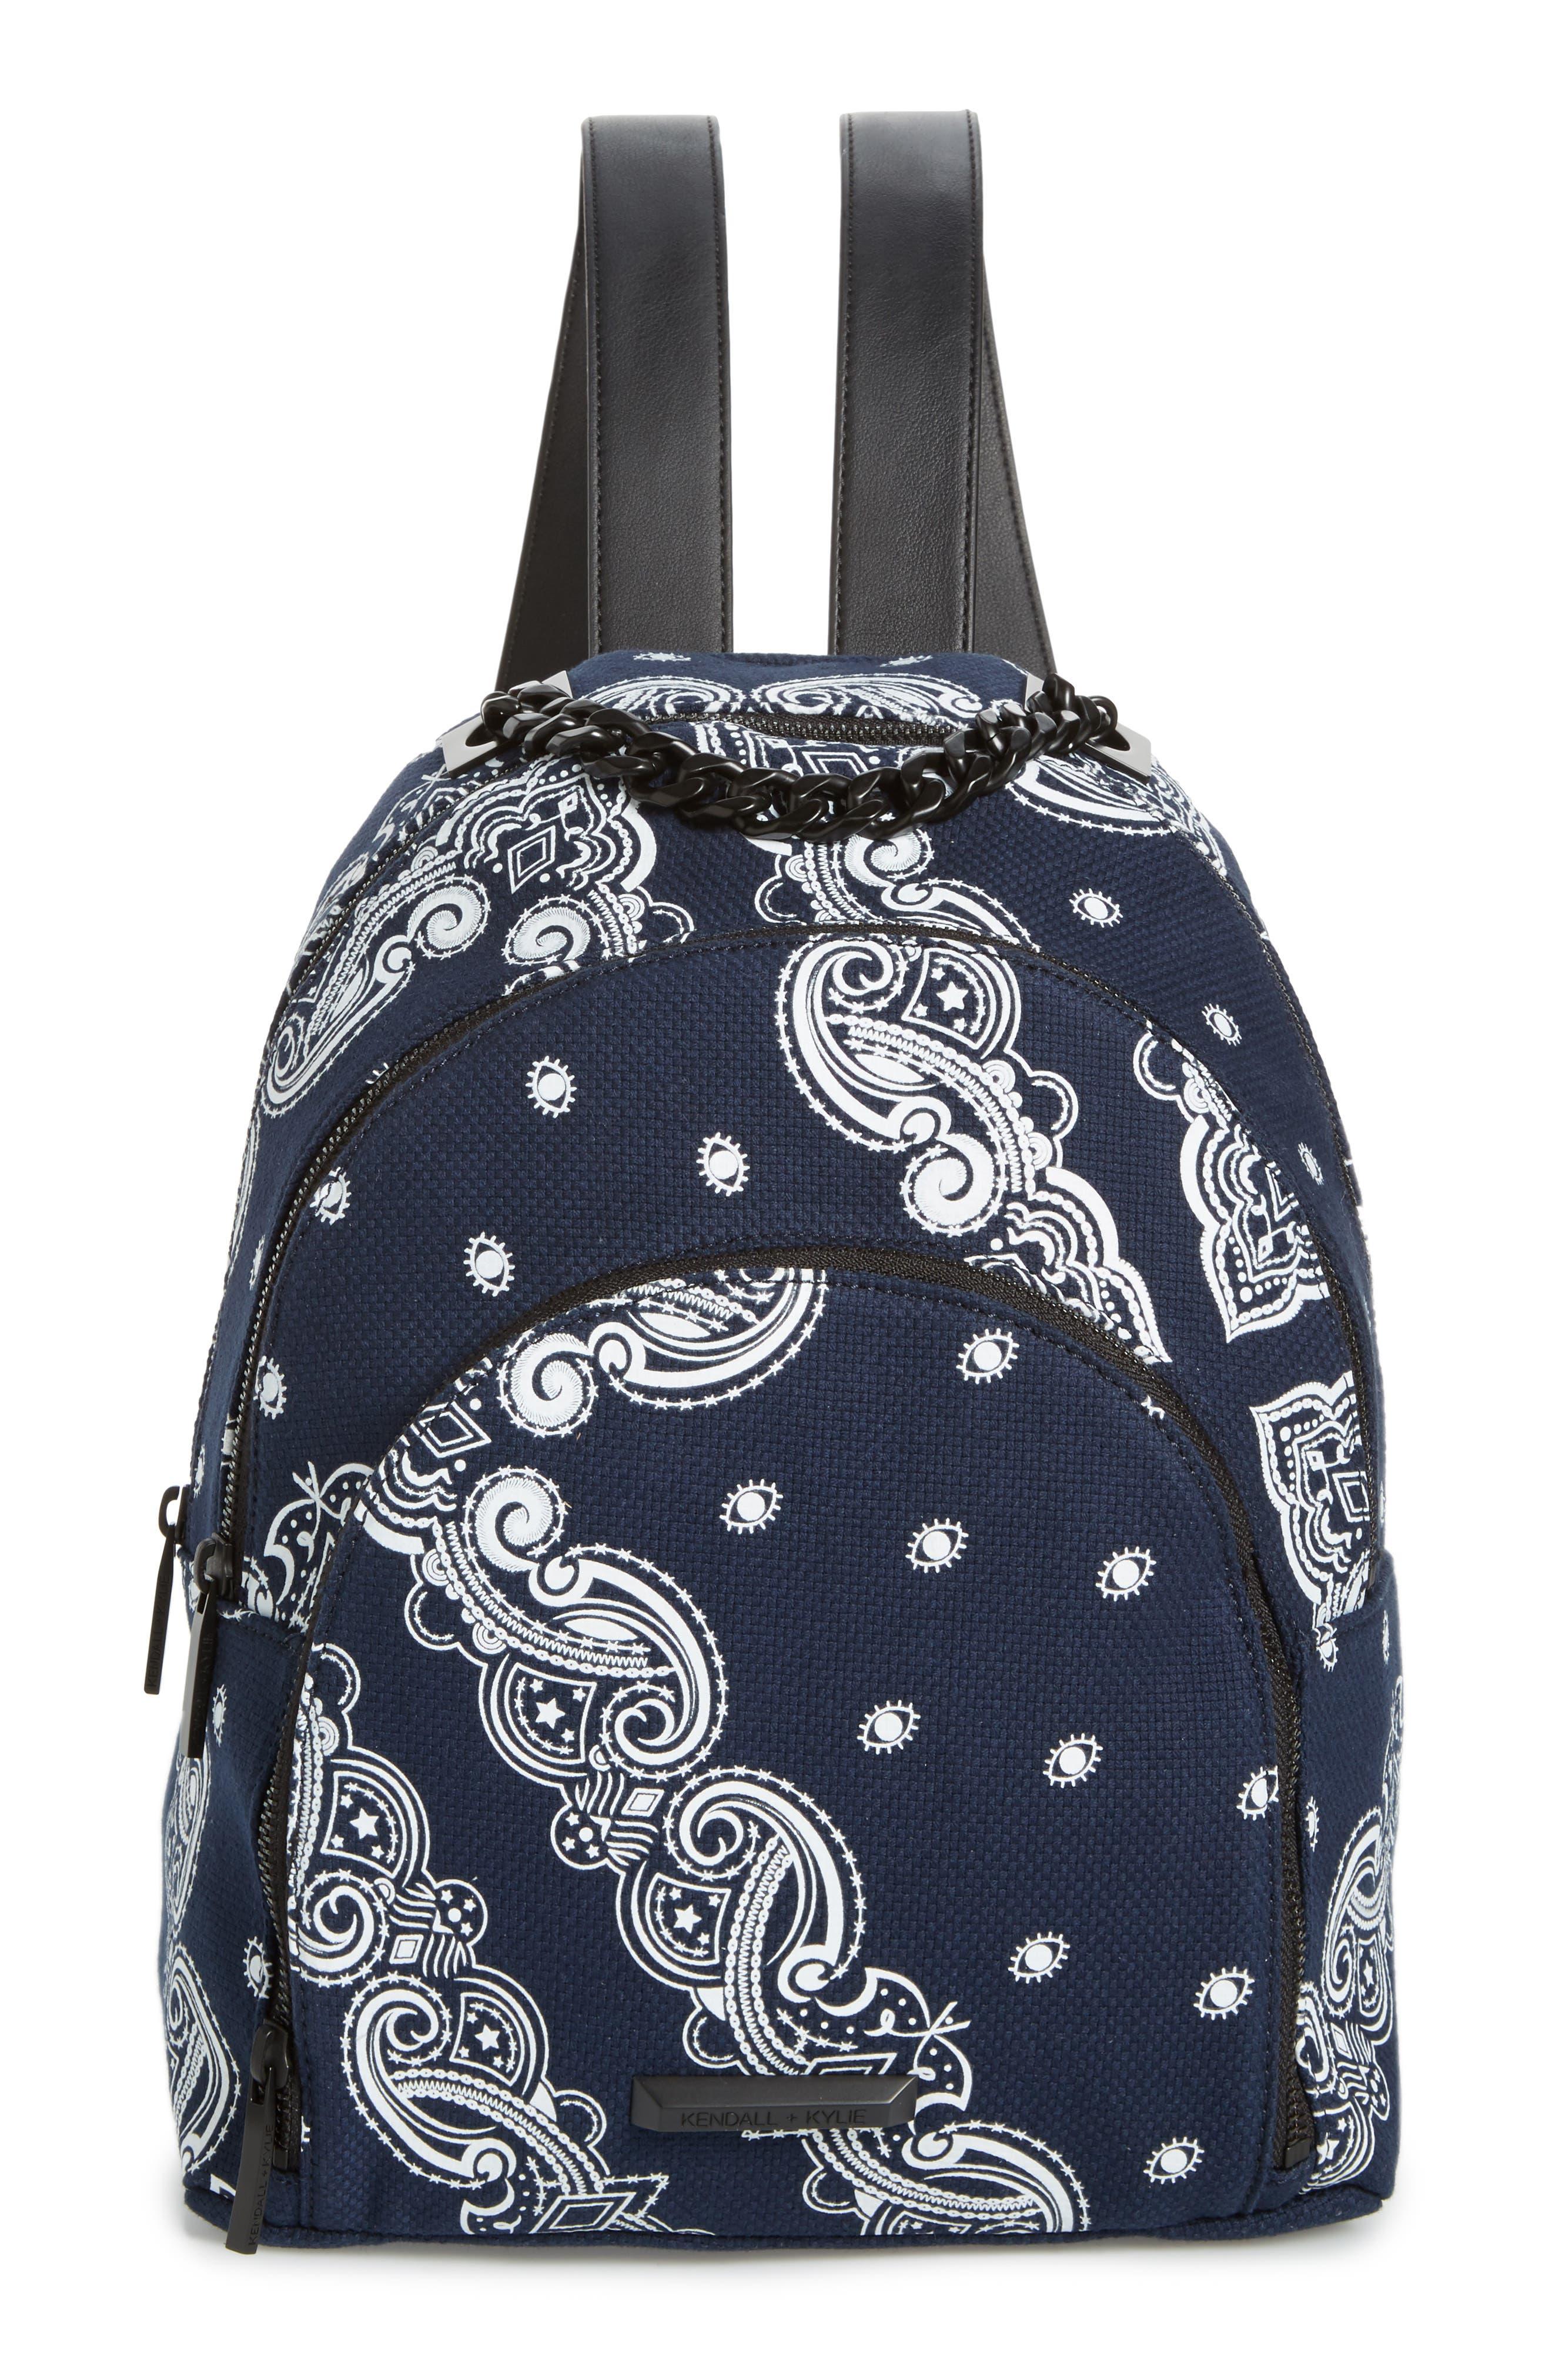 KENDALL + KYLIE Sloane Bandana Canvas Backpack